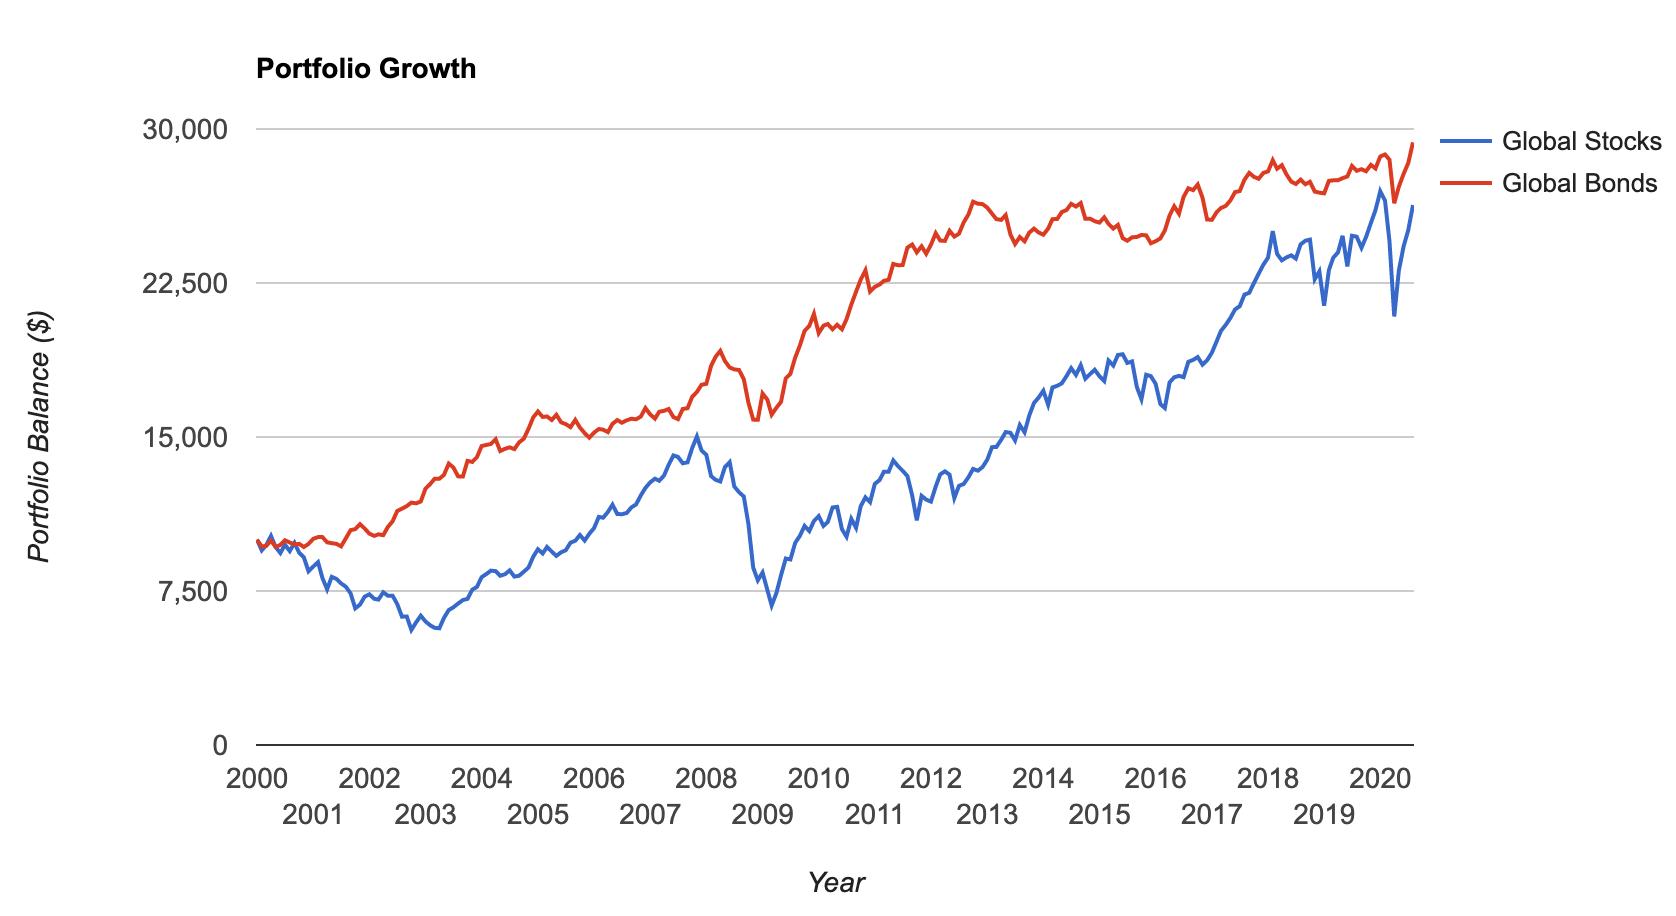 Bonds vs Stocks, 2000-2020